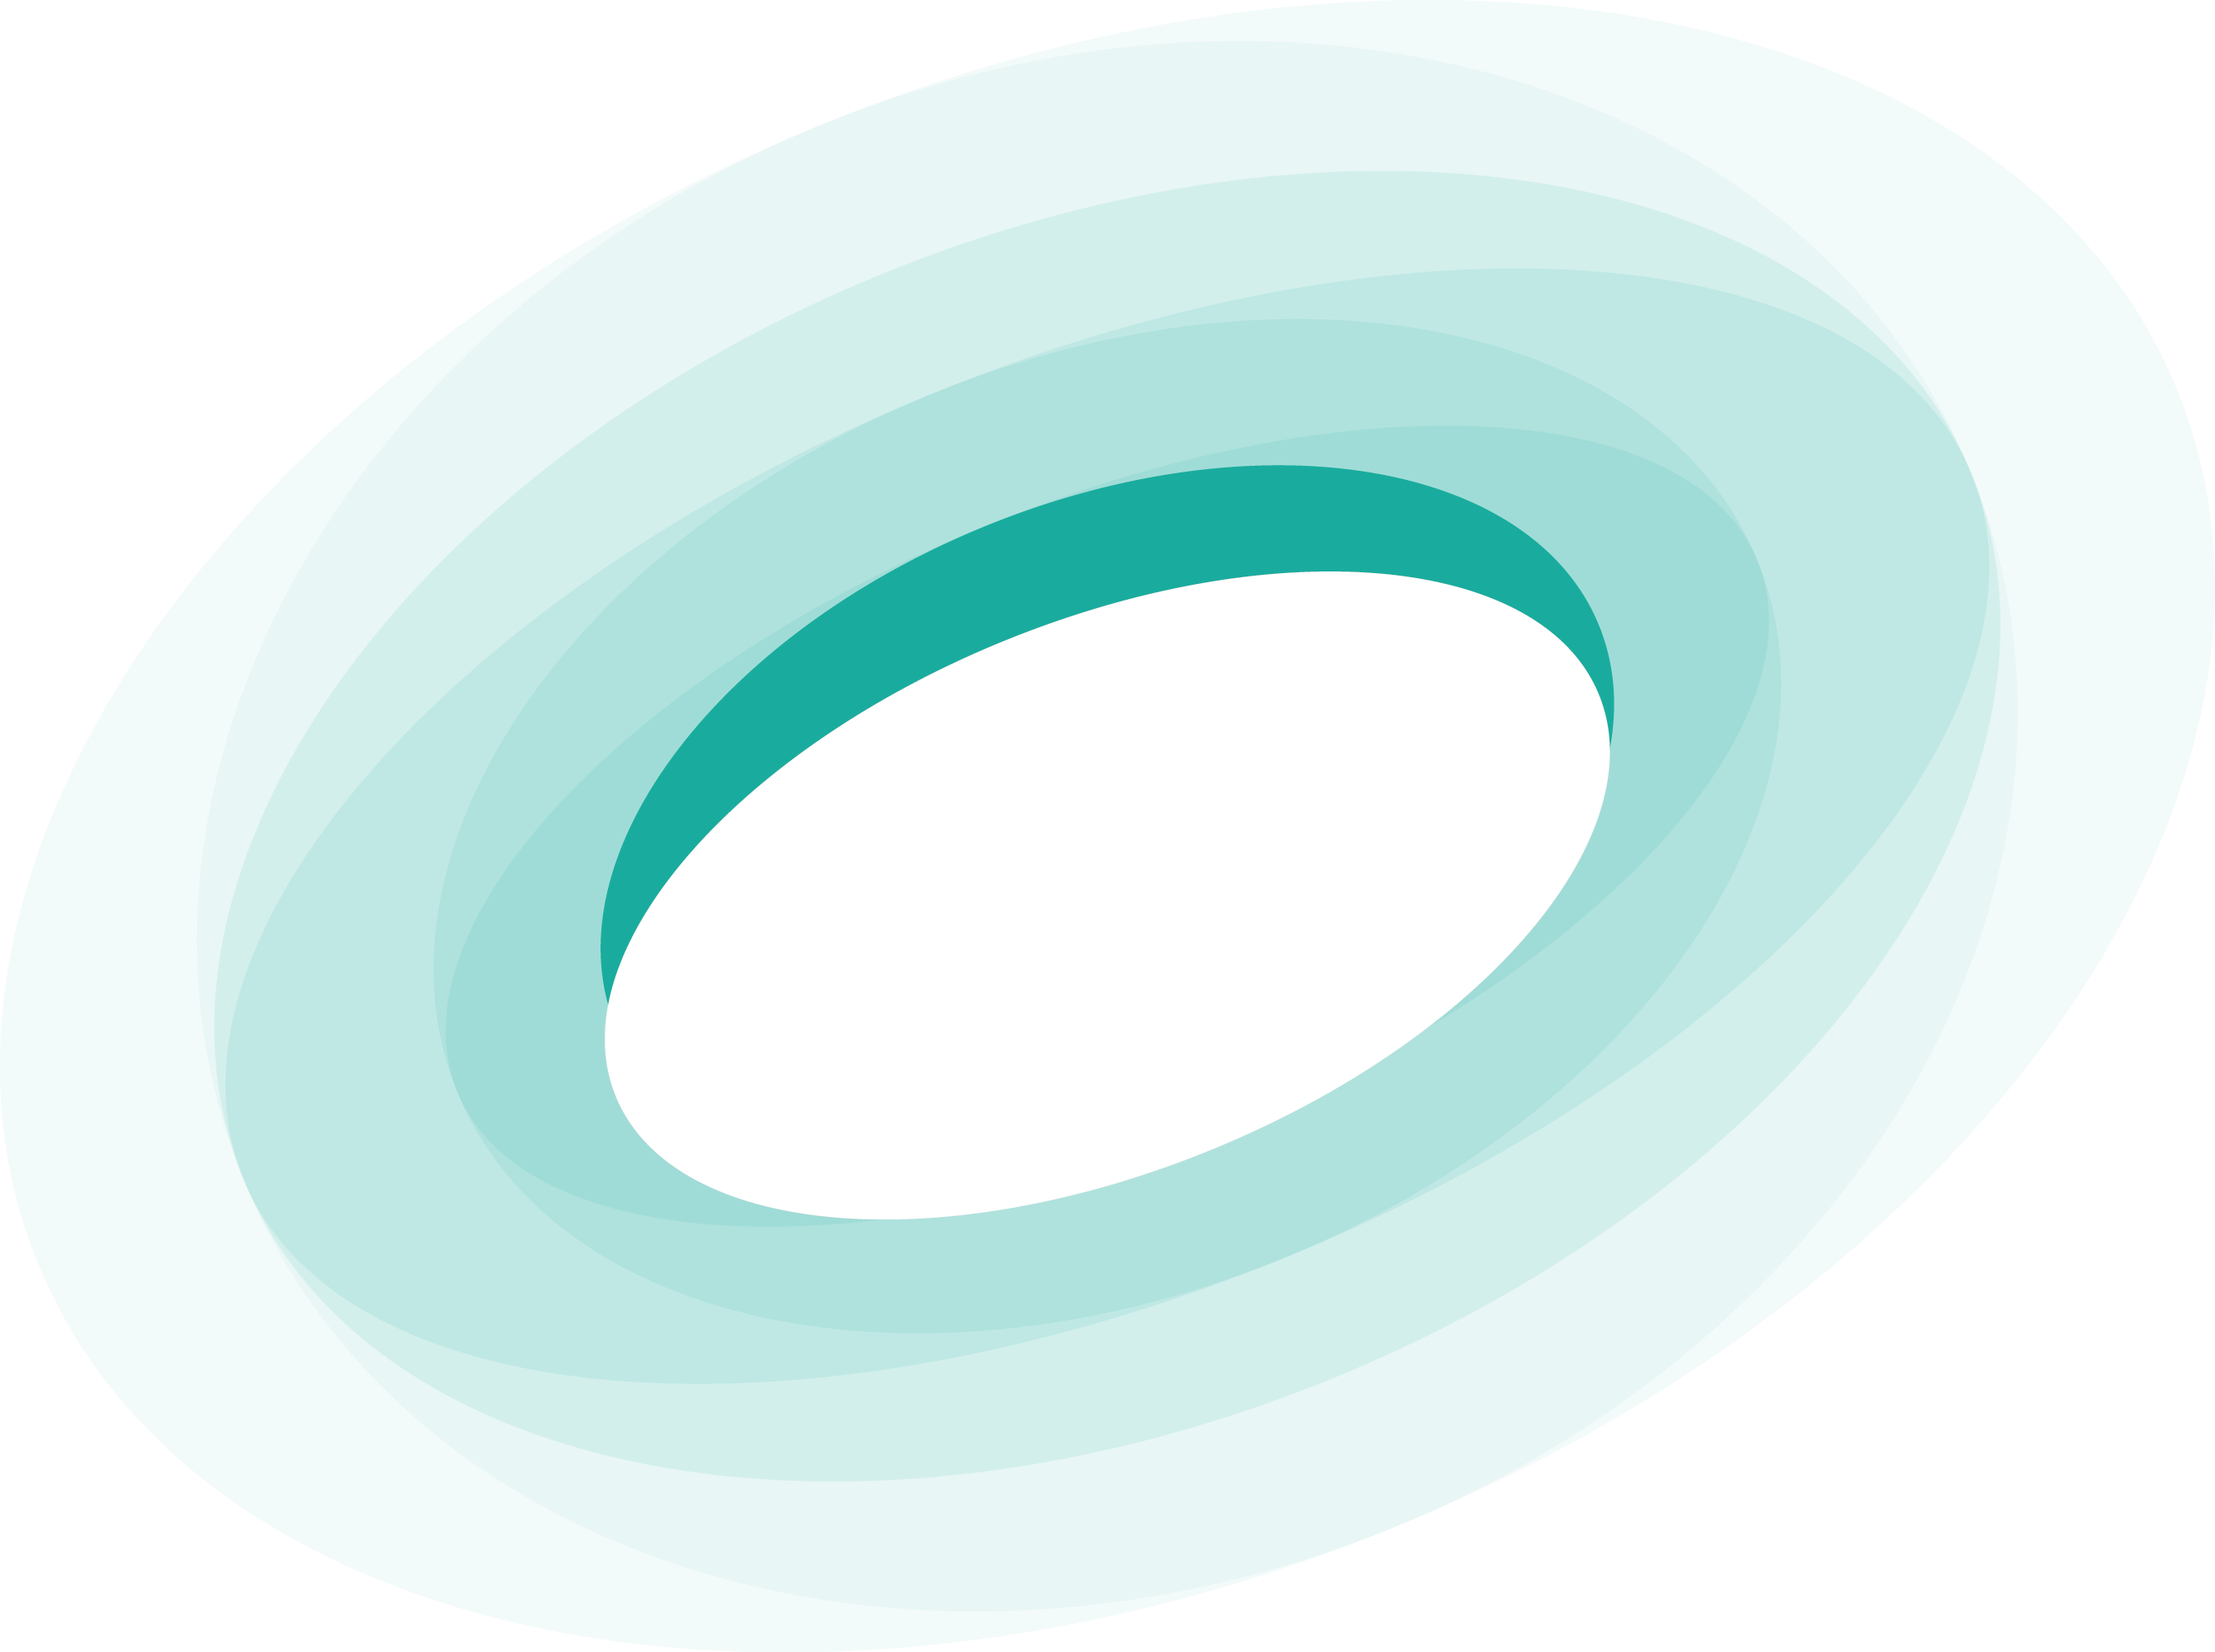 EPAD design